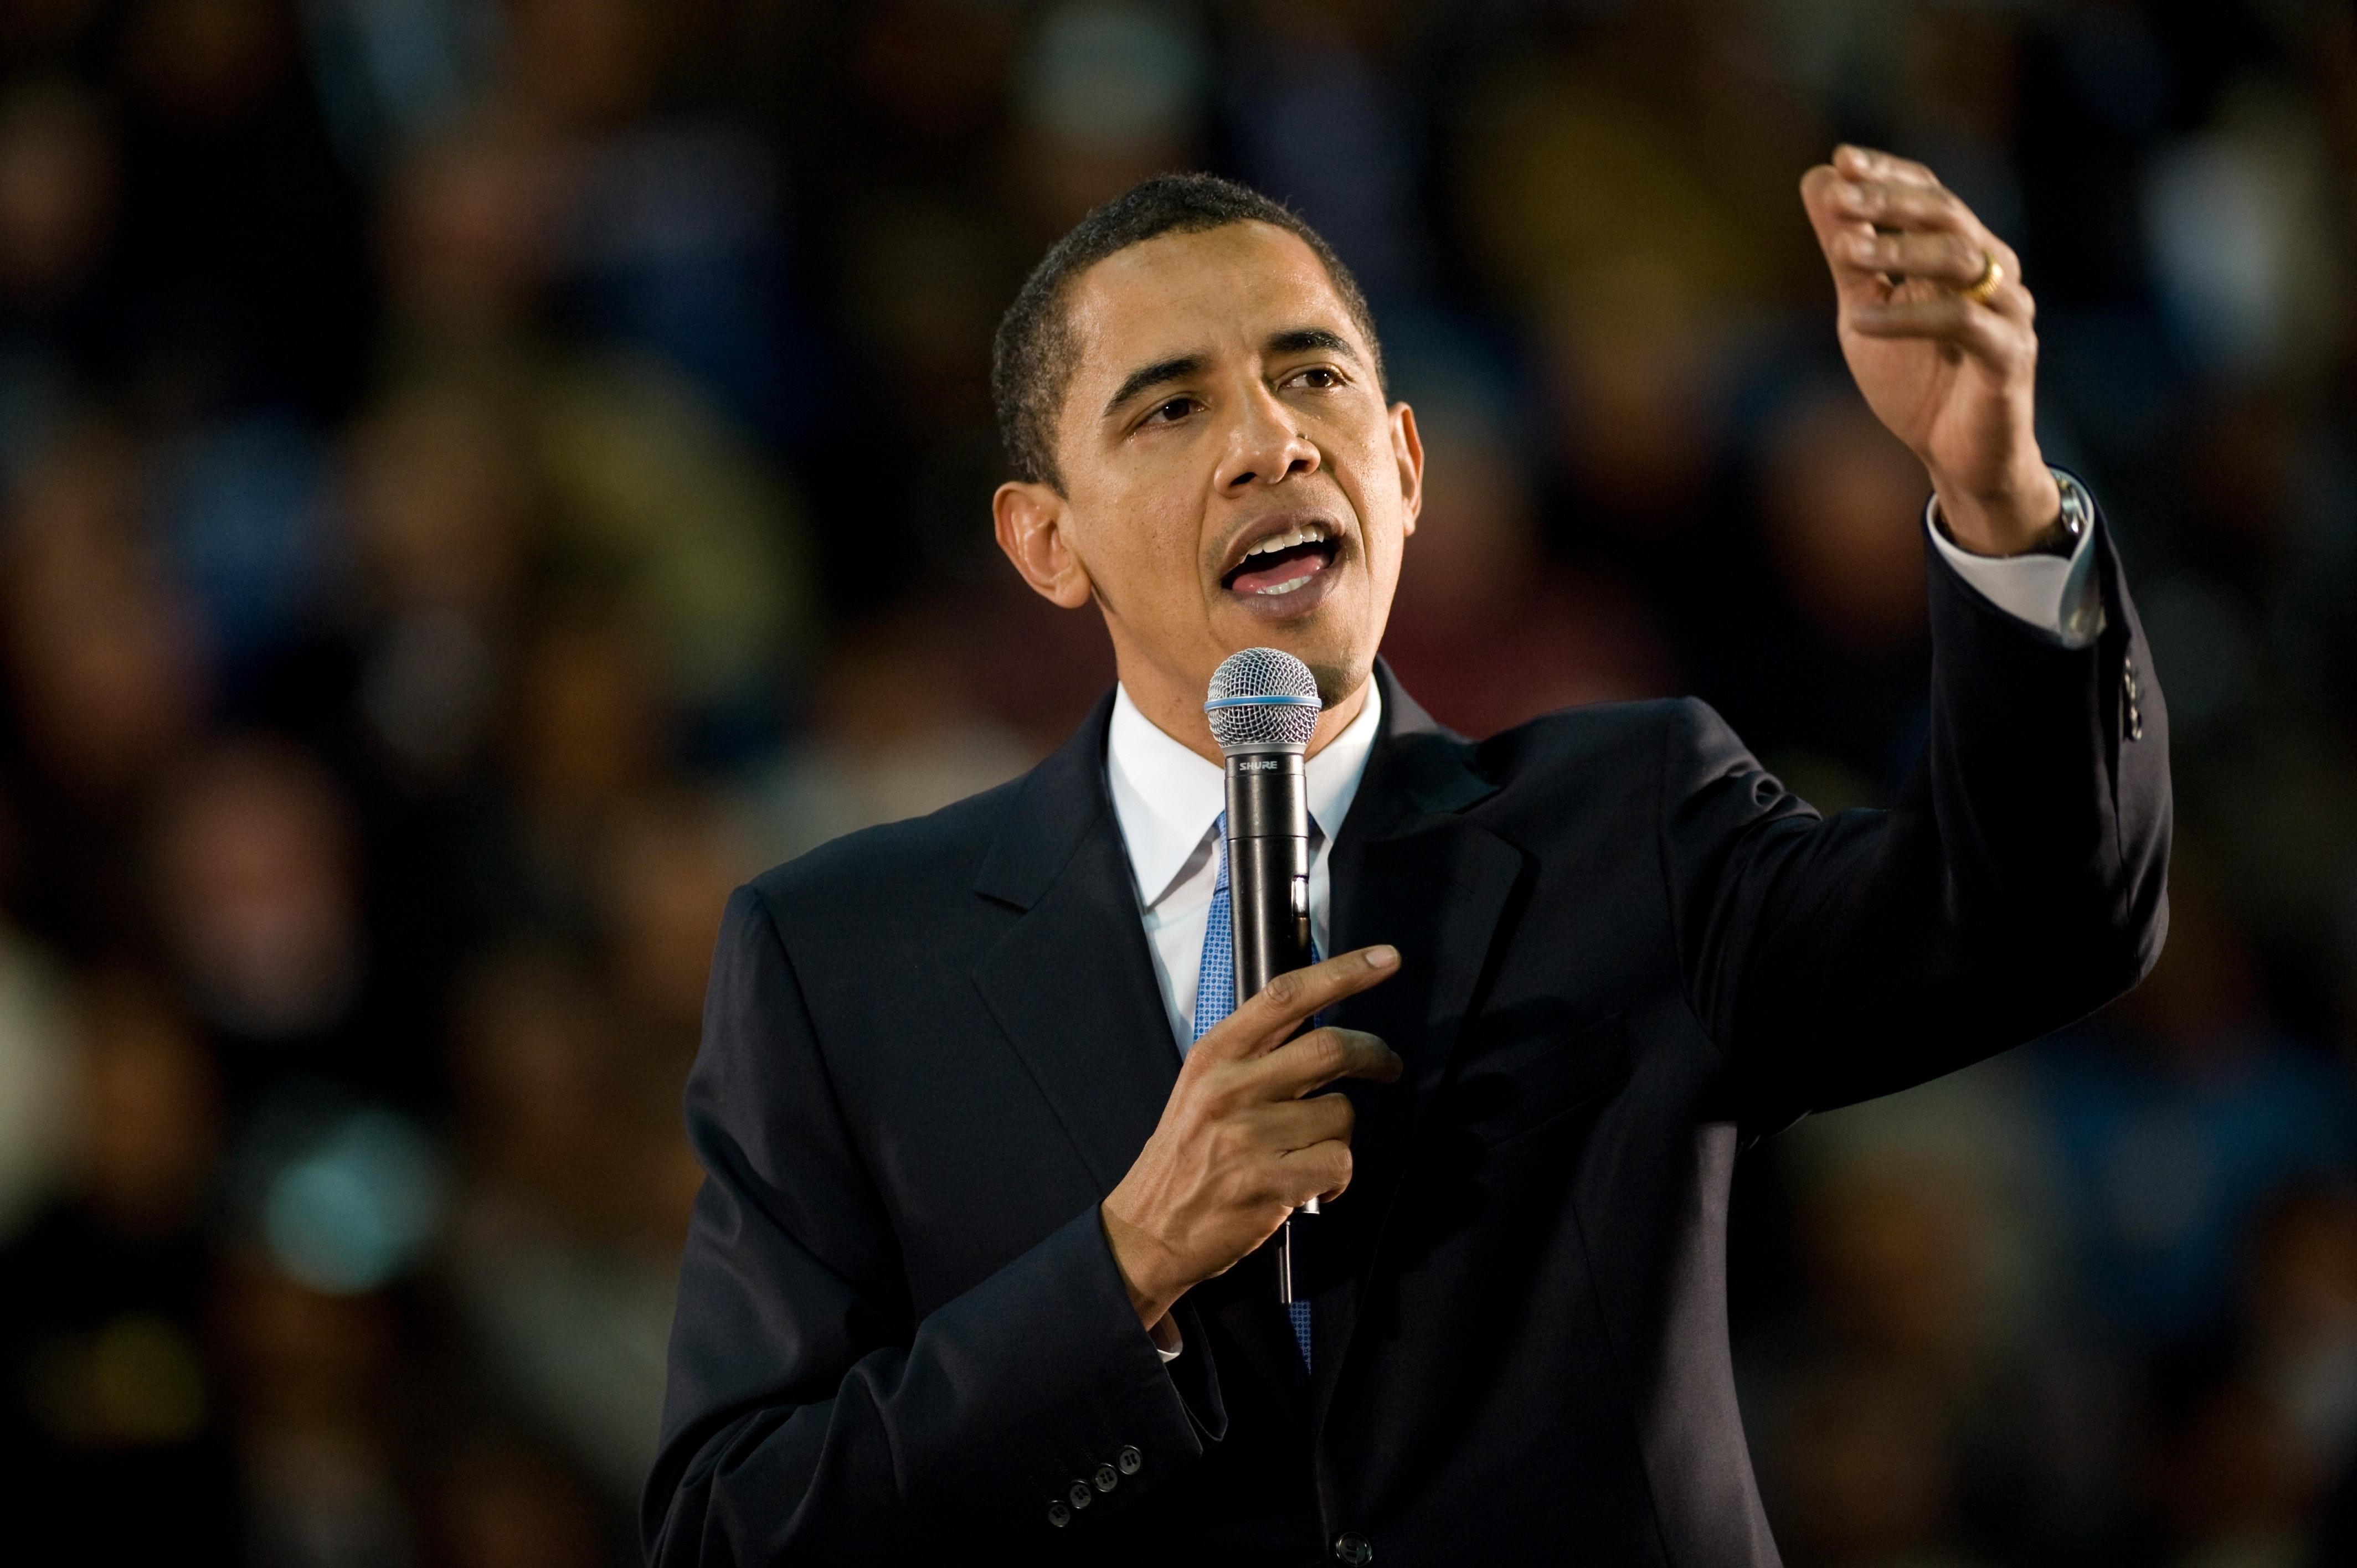 Tidigare presidenten Barack Obama